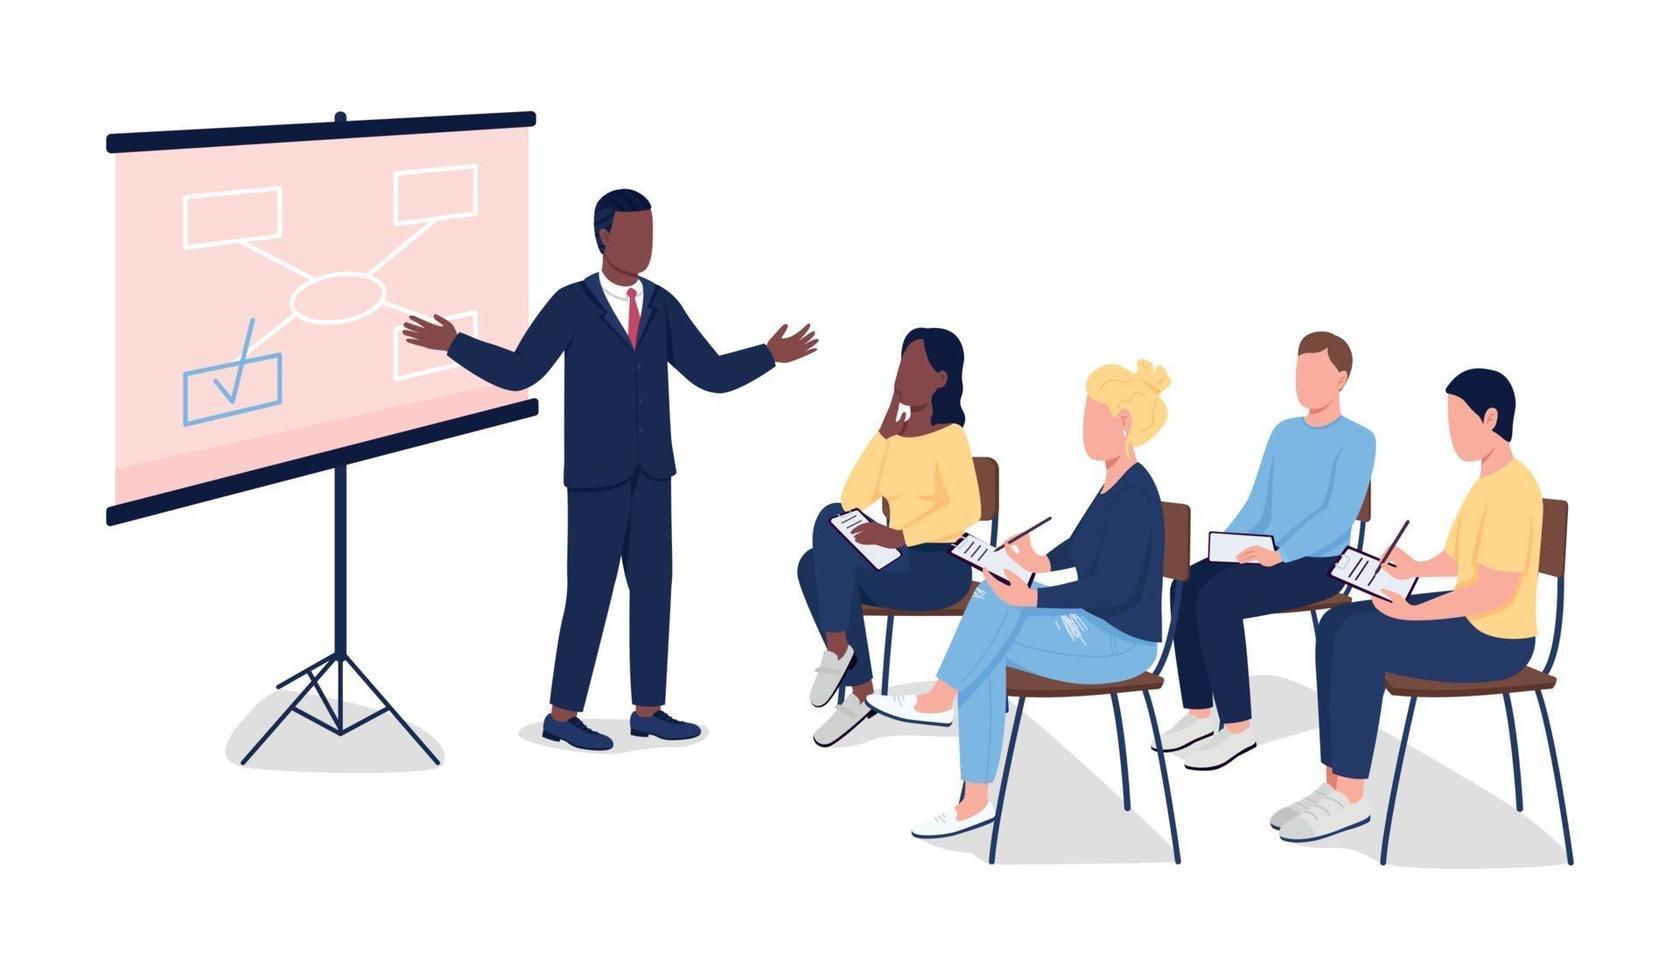 Menschen am Geschäftsseminar flache Farbvektor gesichtslose Zeichen vektor